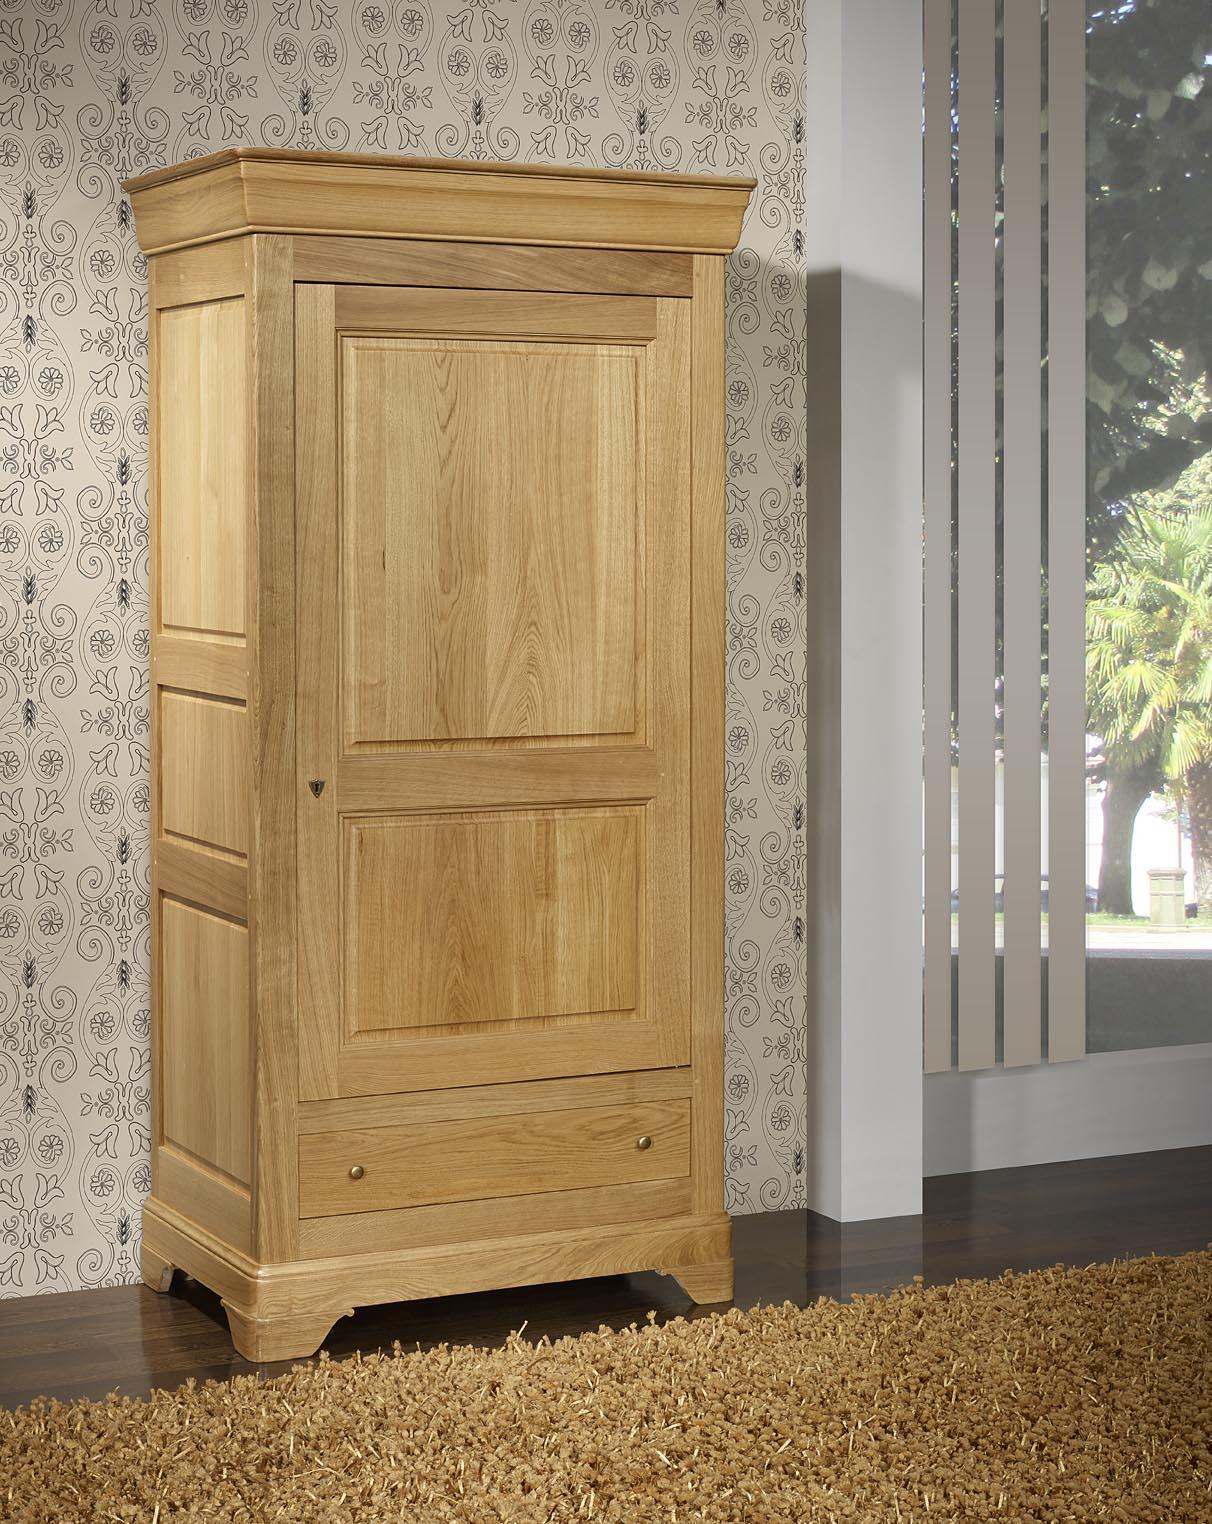 bonneti re 1 porte 1 tiroir s bastien en ch ne massif de style louis philippe finition. Black Bedroom Furniture Sets. Home Design Ideas